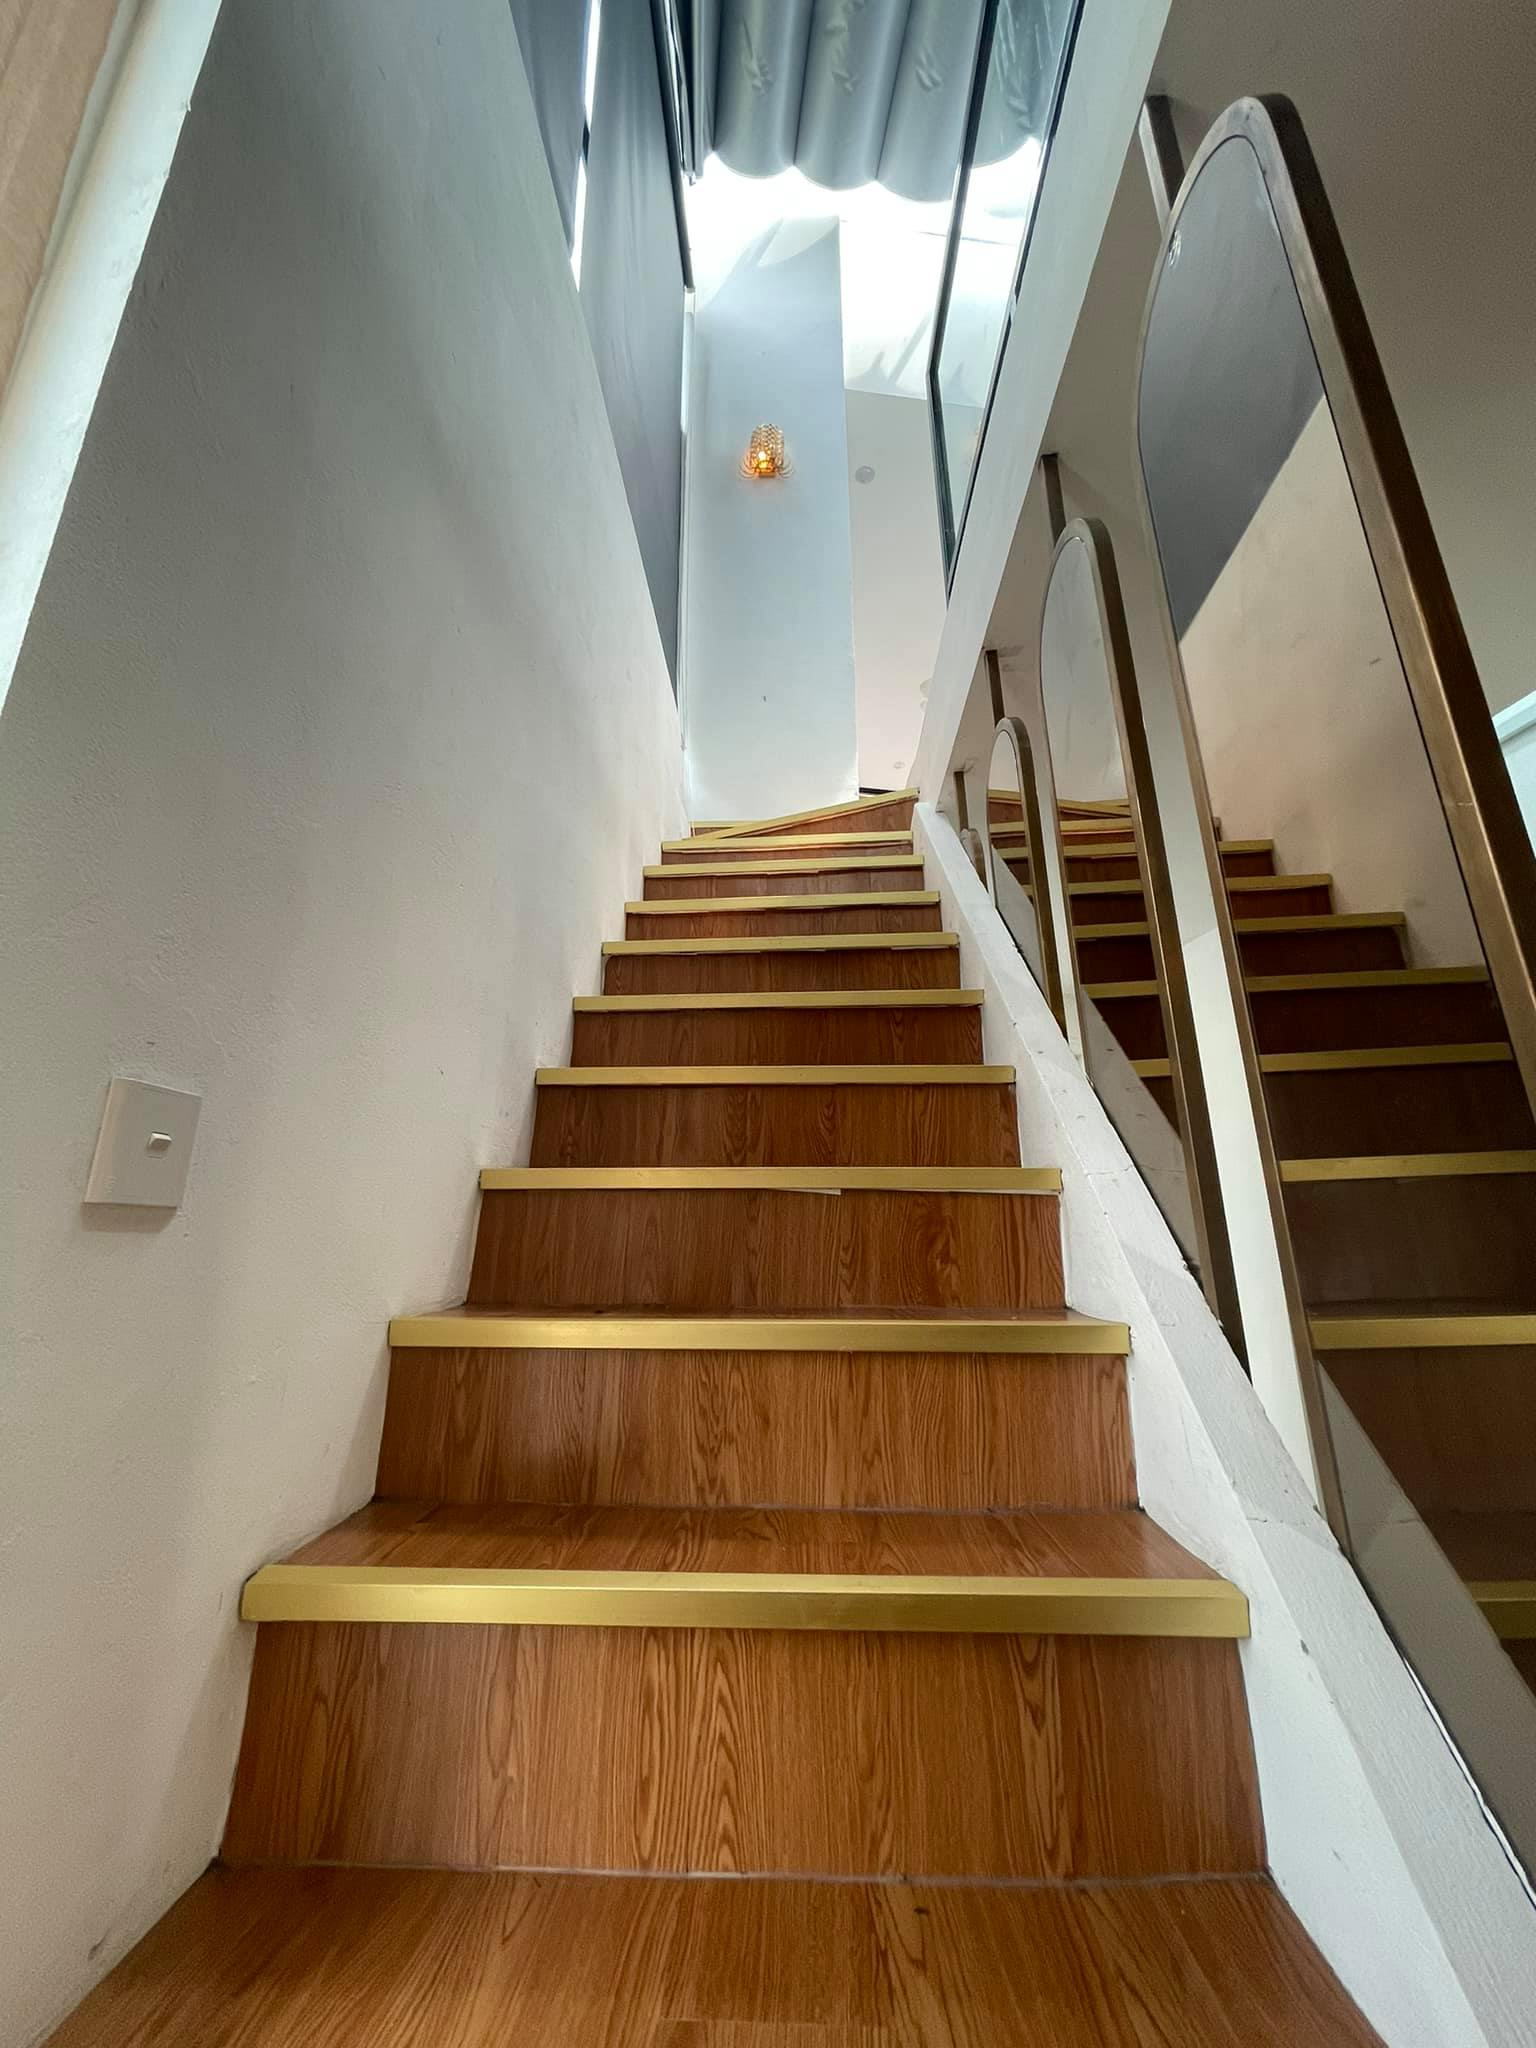 Ngôi nhà kết hợp style Á Âu của cặp vợ chồng trẻ: Phòng khách kê toàn tủ đá quý chắn lối đi, phòng ngủ sơn xanh lam khó-rời-mắt - Ảnh 8.